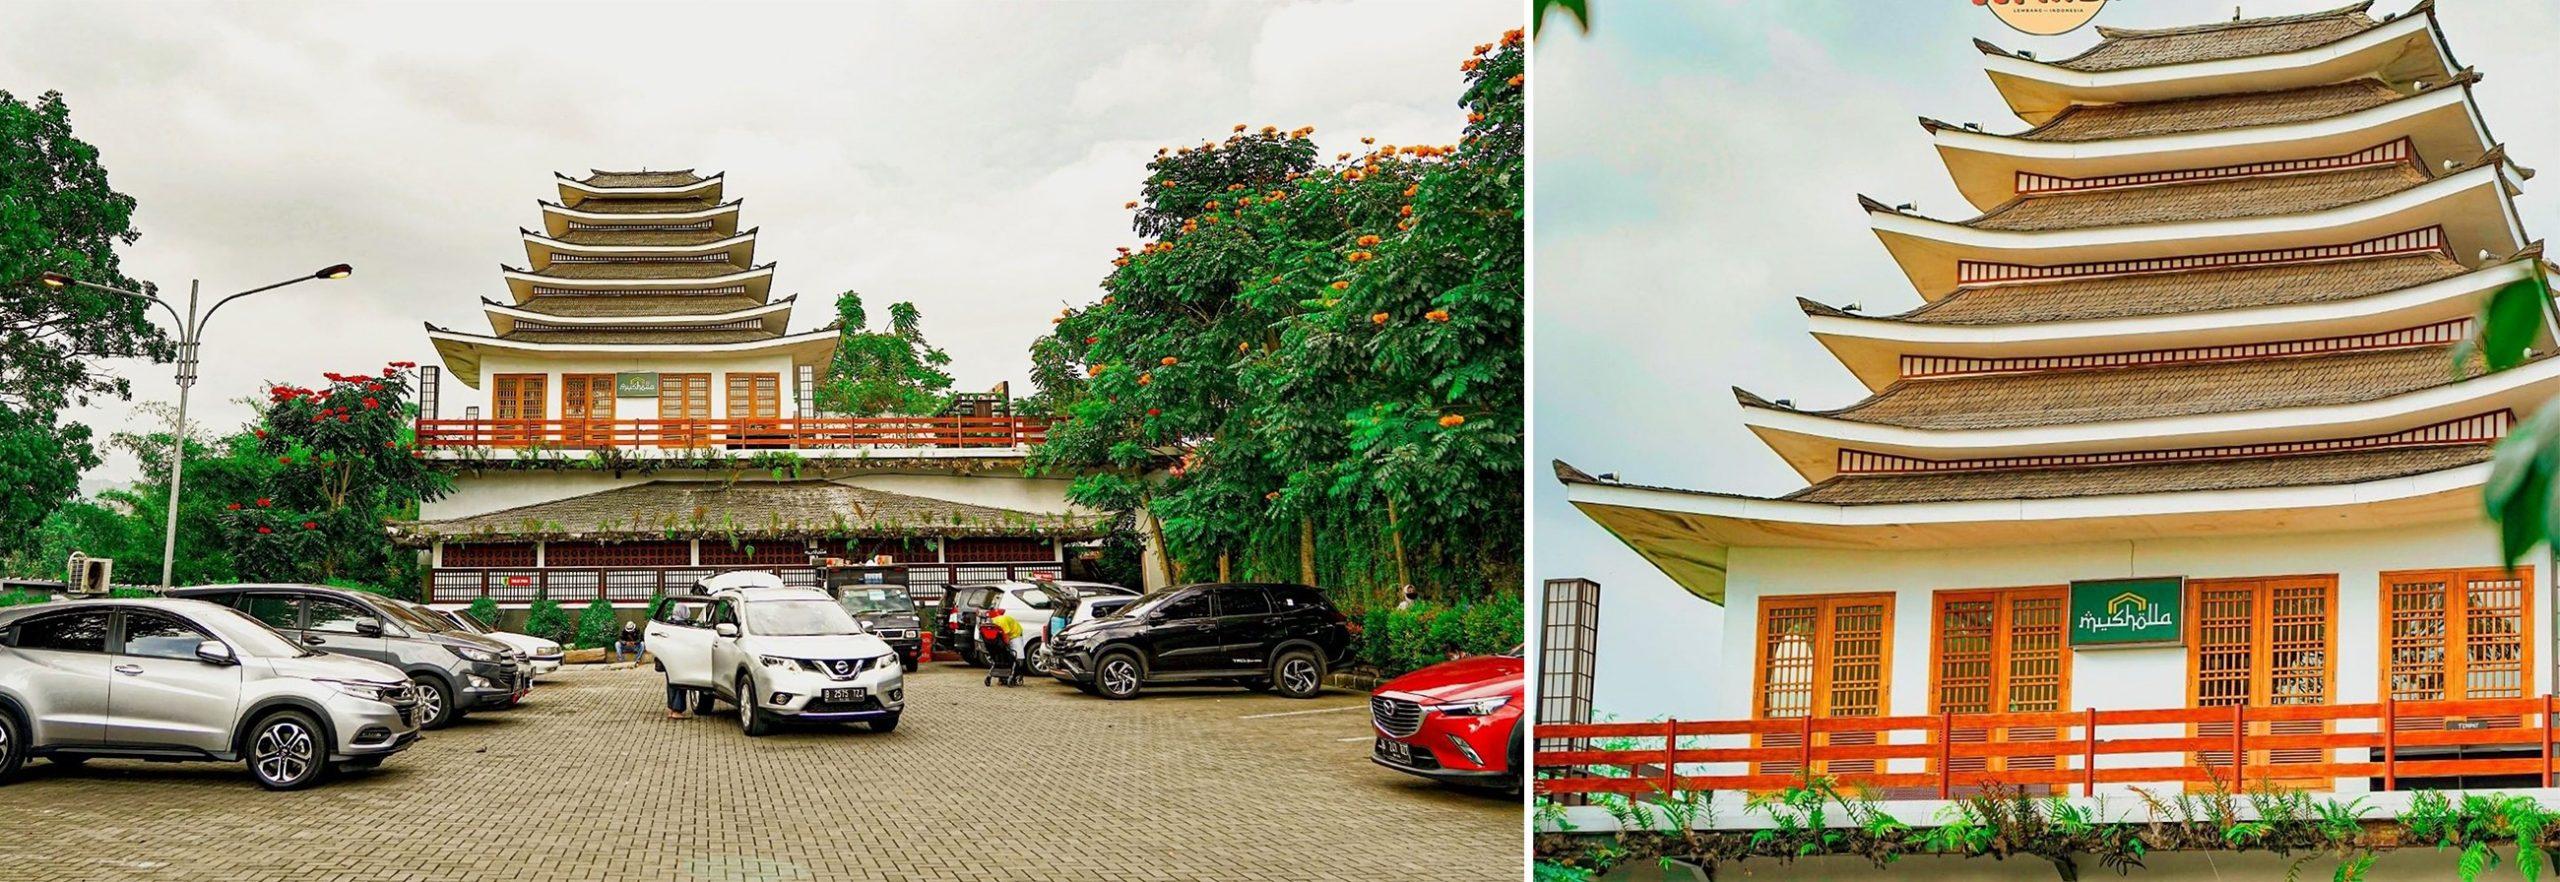 Mushola Dan Tempat Parkir The Great Asia Africa Lembang